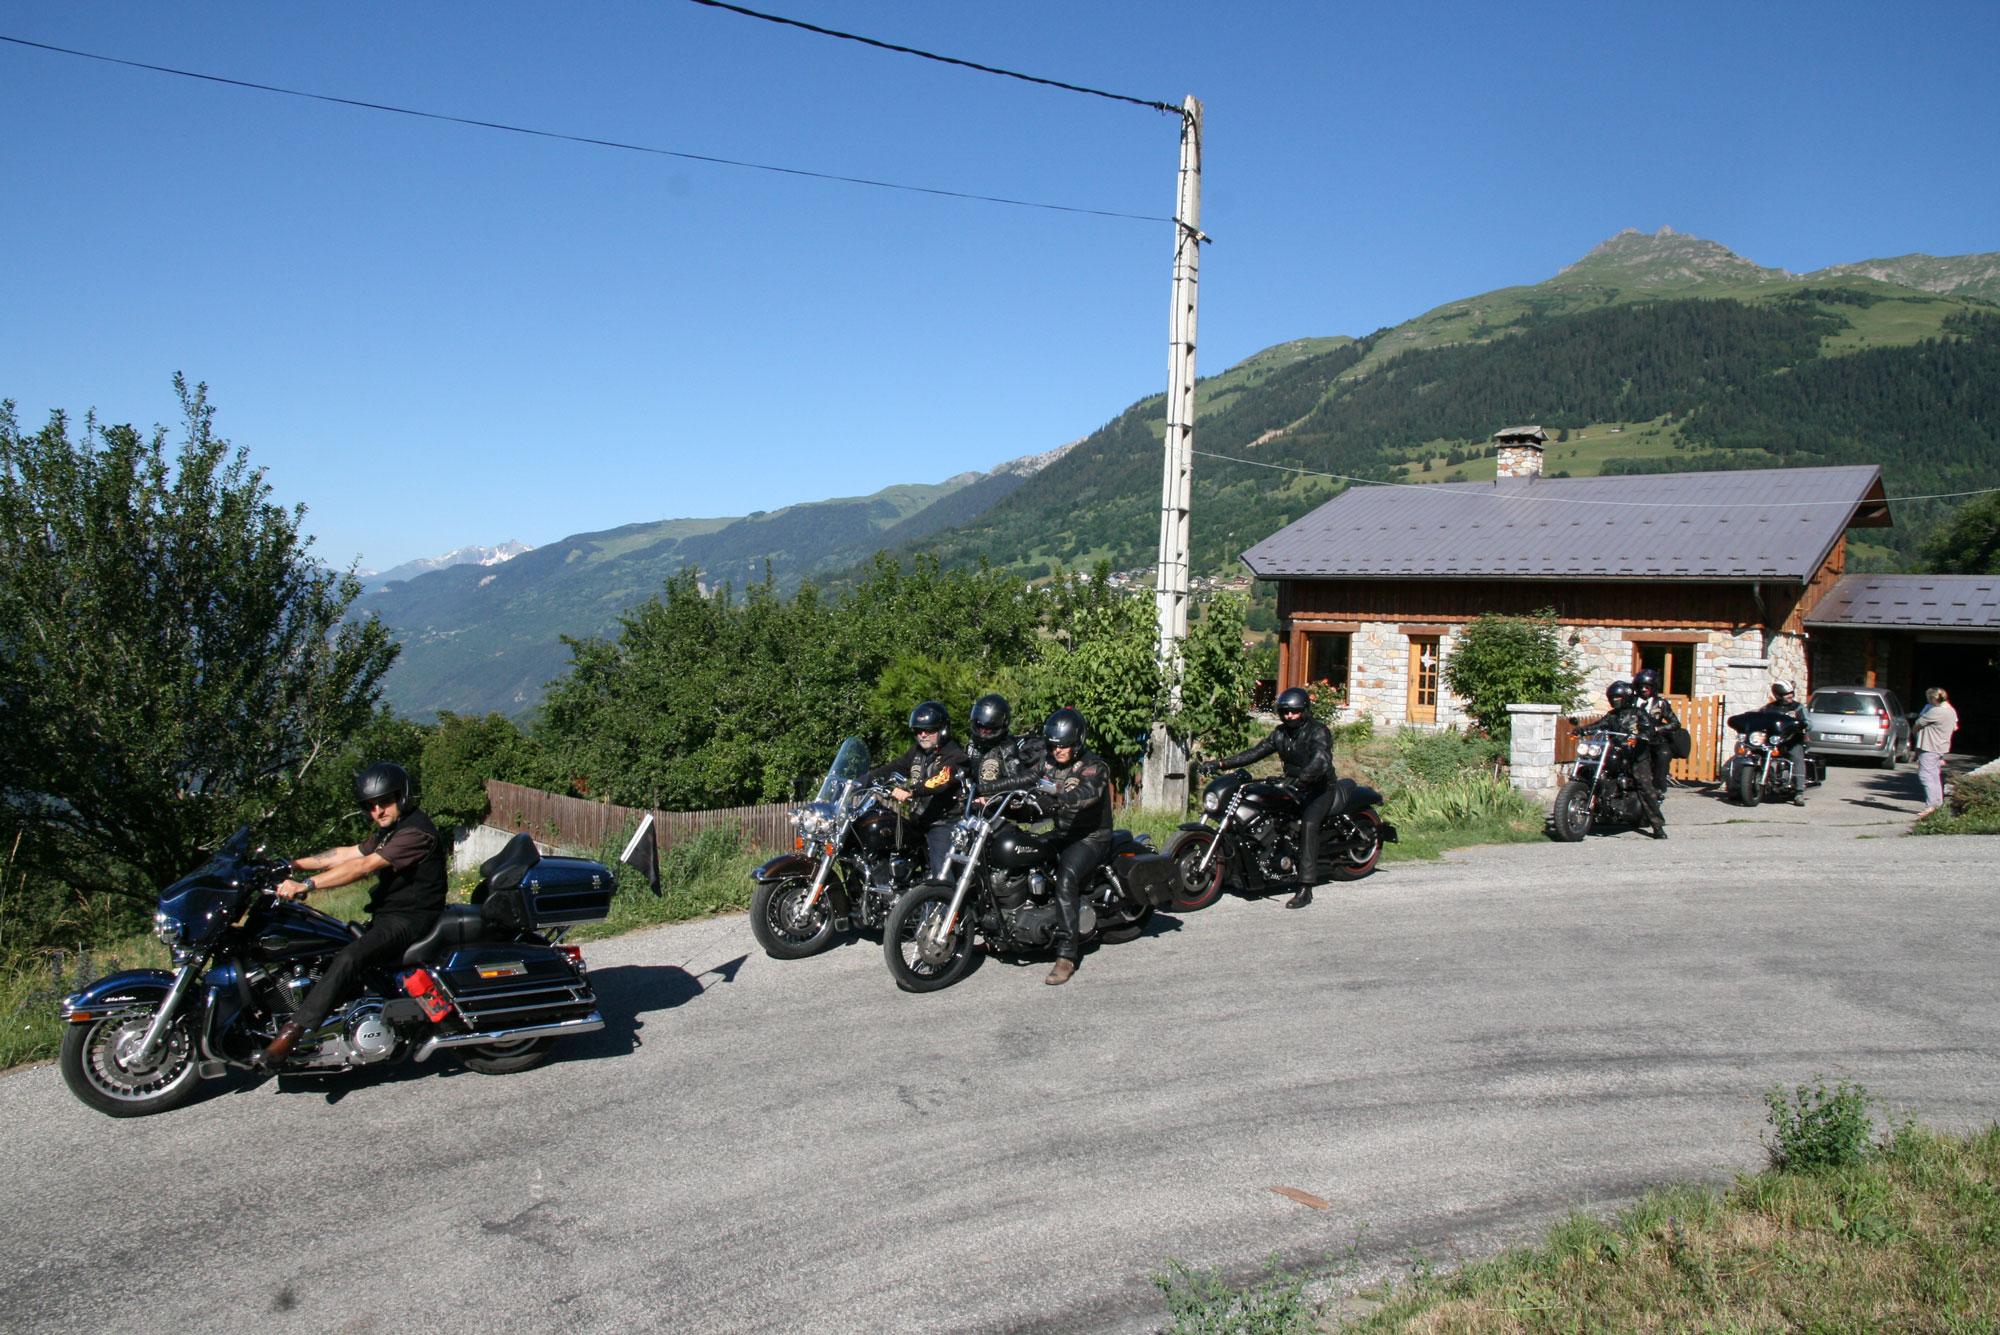 Les Marm'hôtes - Harley Davidson